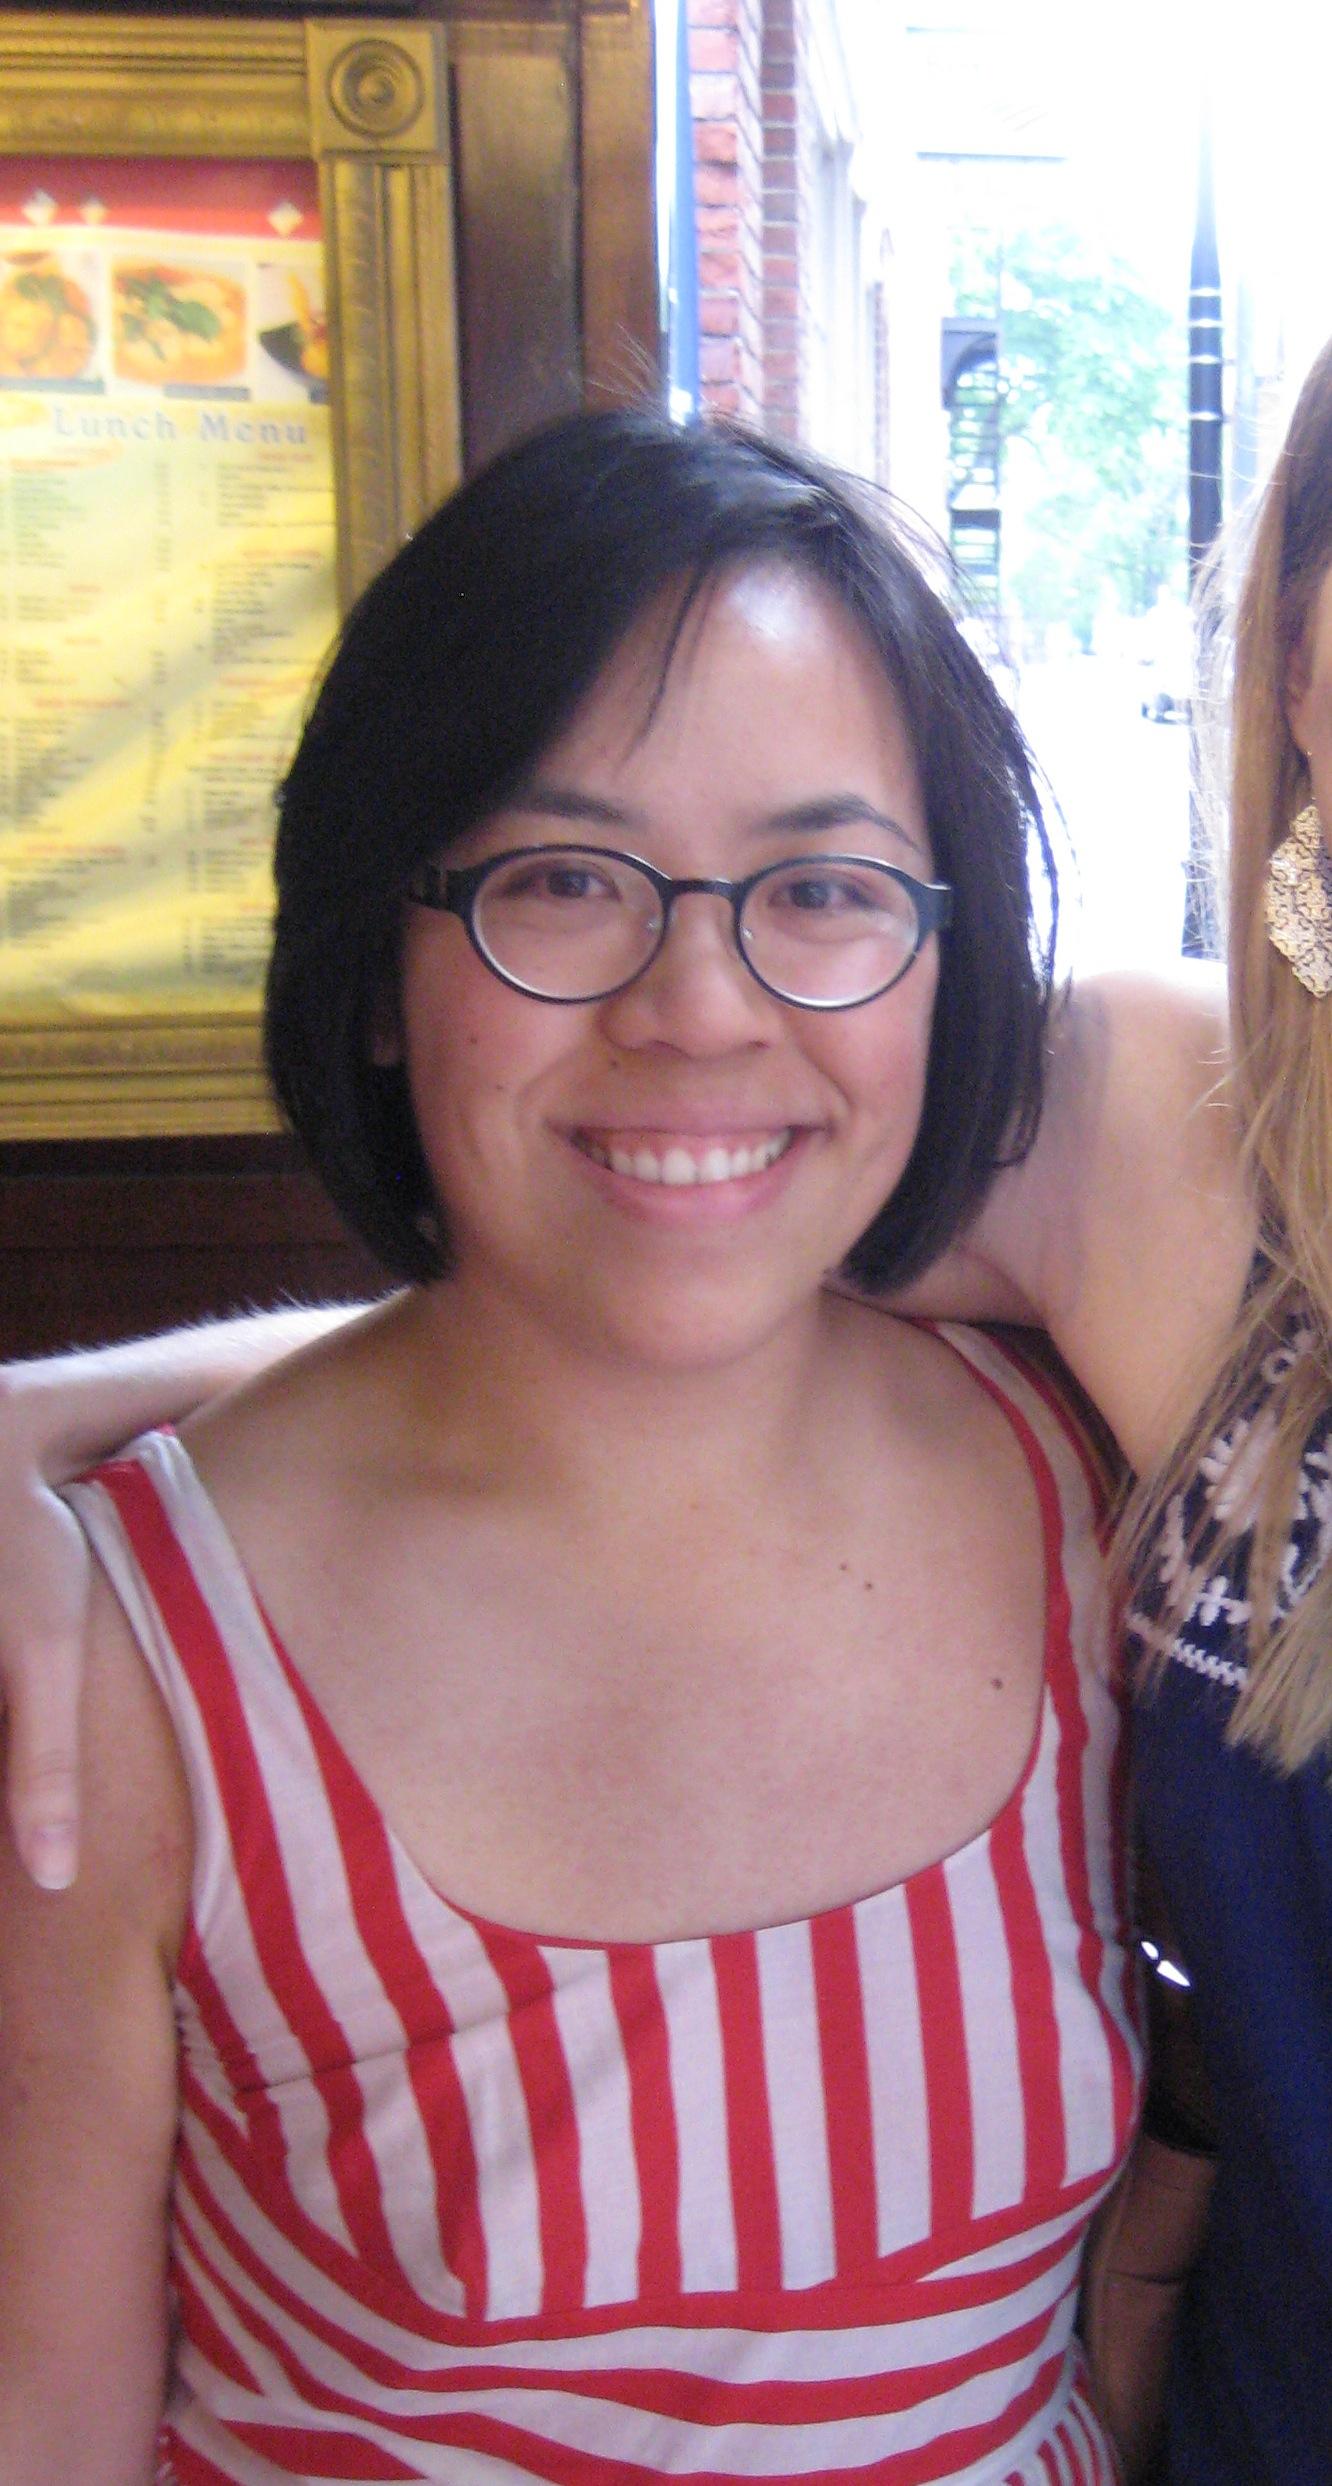 Grace Tiao (Georgia & Merton 2010)